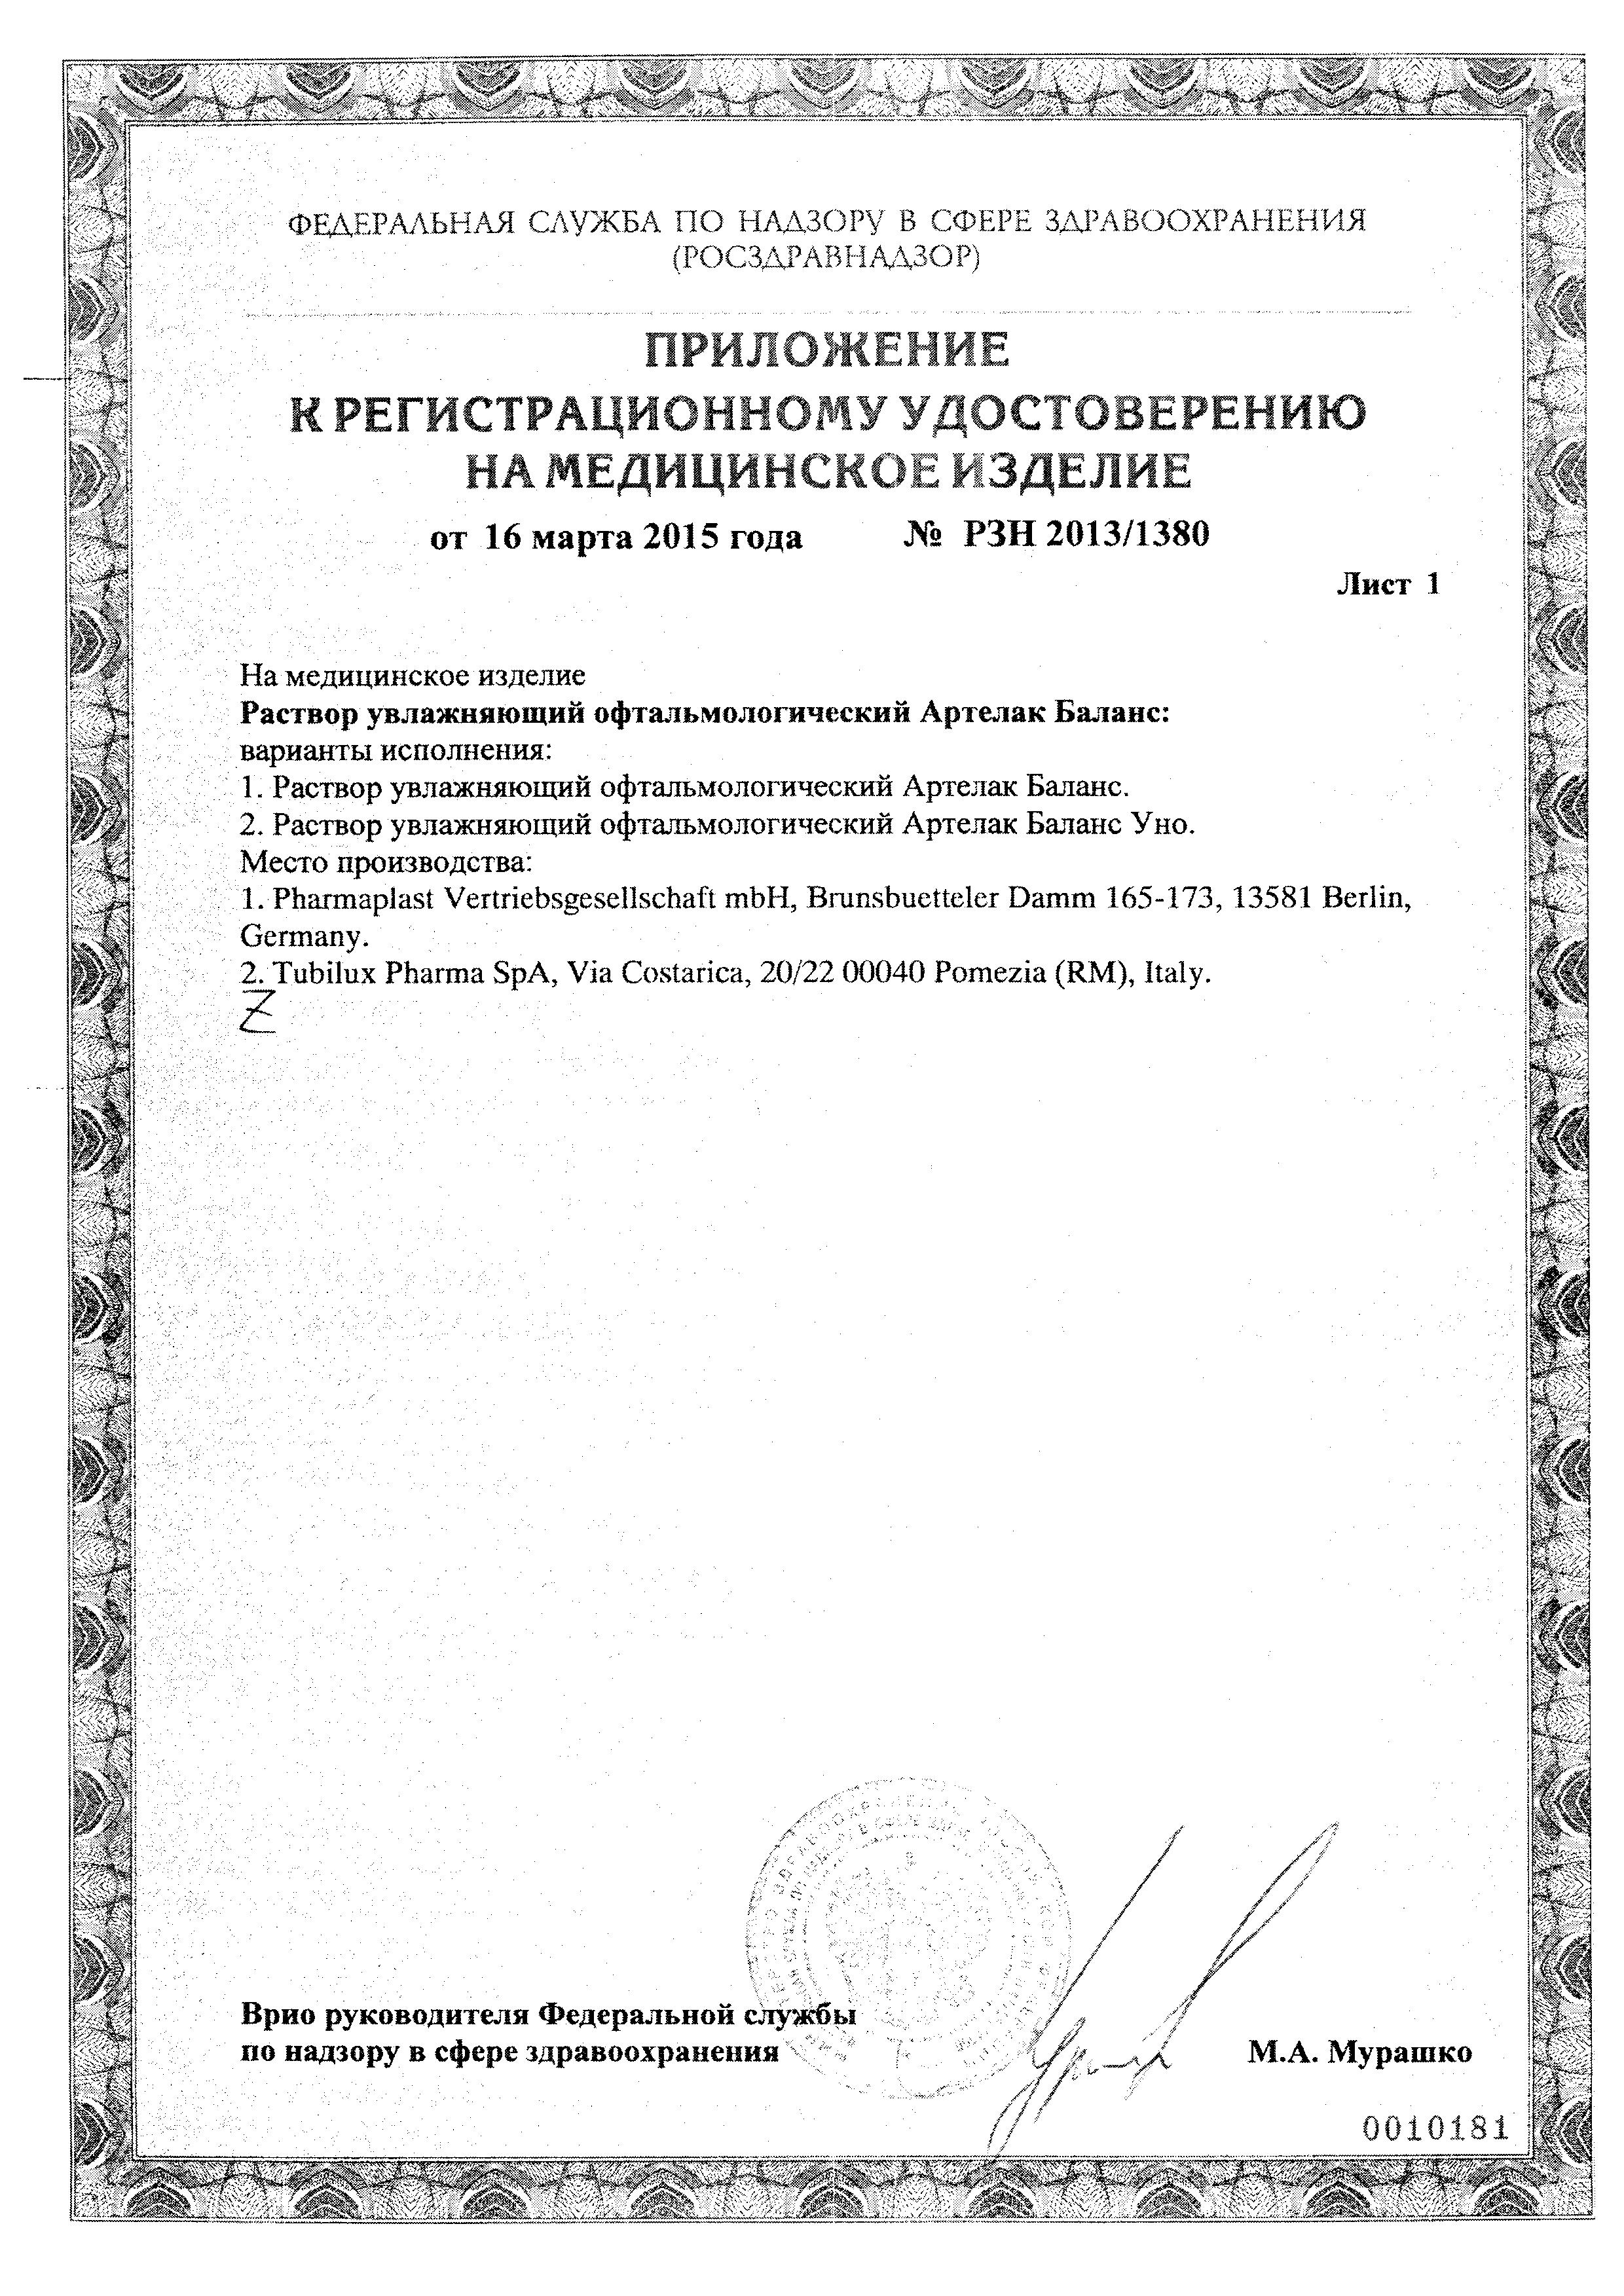 Артелак Баланс раствор увлажняющий офтальмологический сертификат